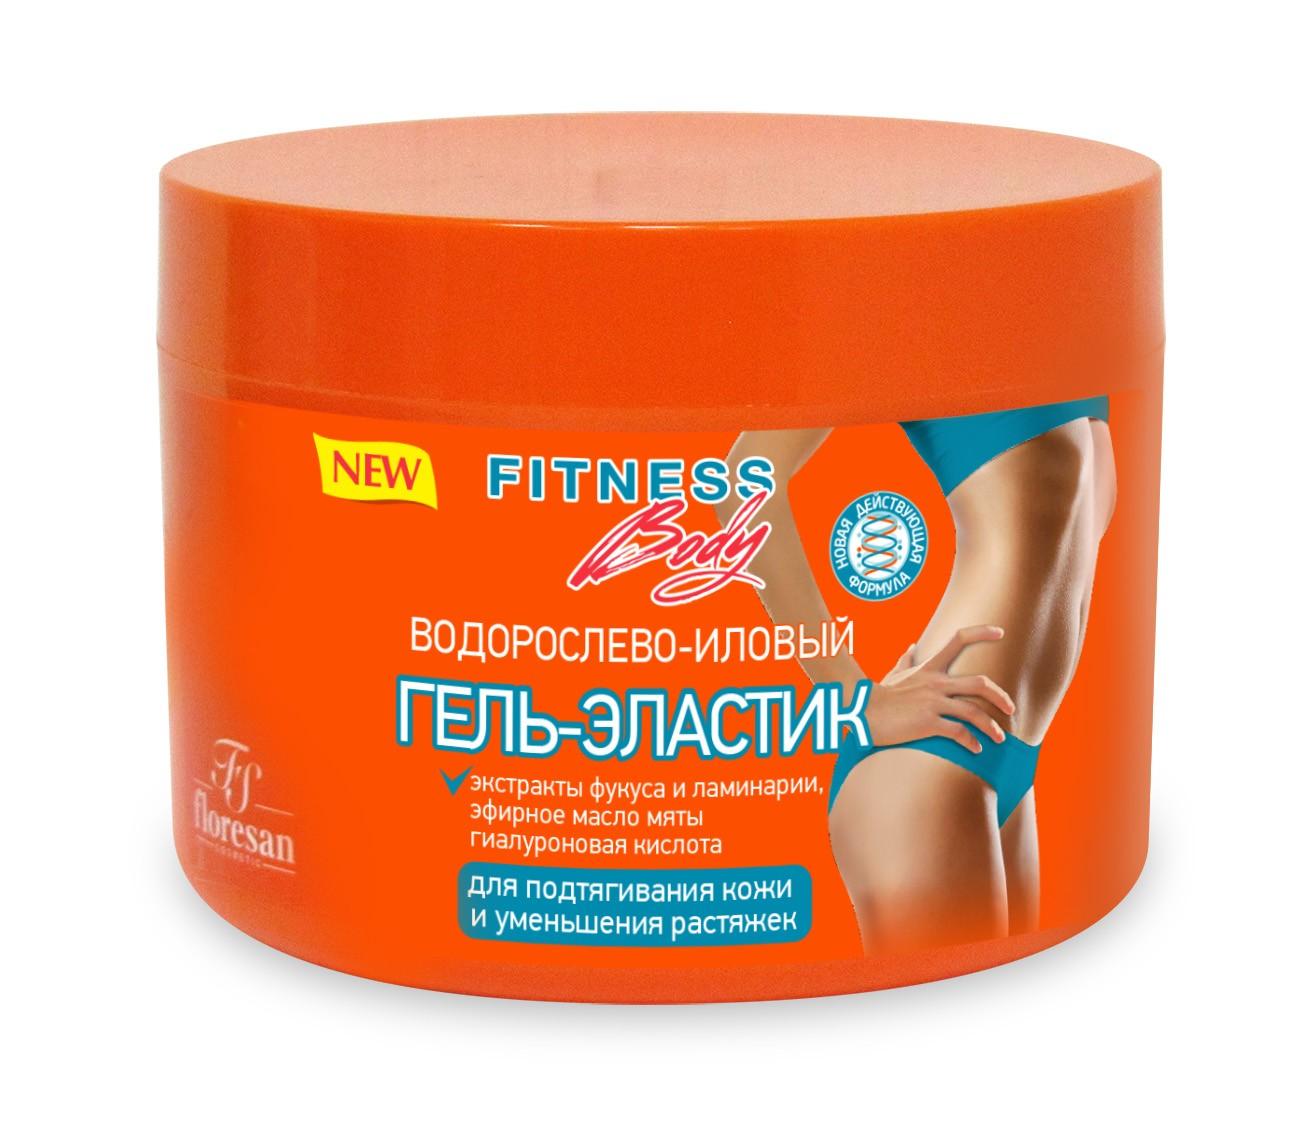 Водорослево-иловый гель-эластик для подтягивания кожи и уменьшения растяжек. 500 мл